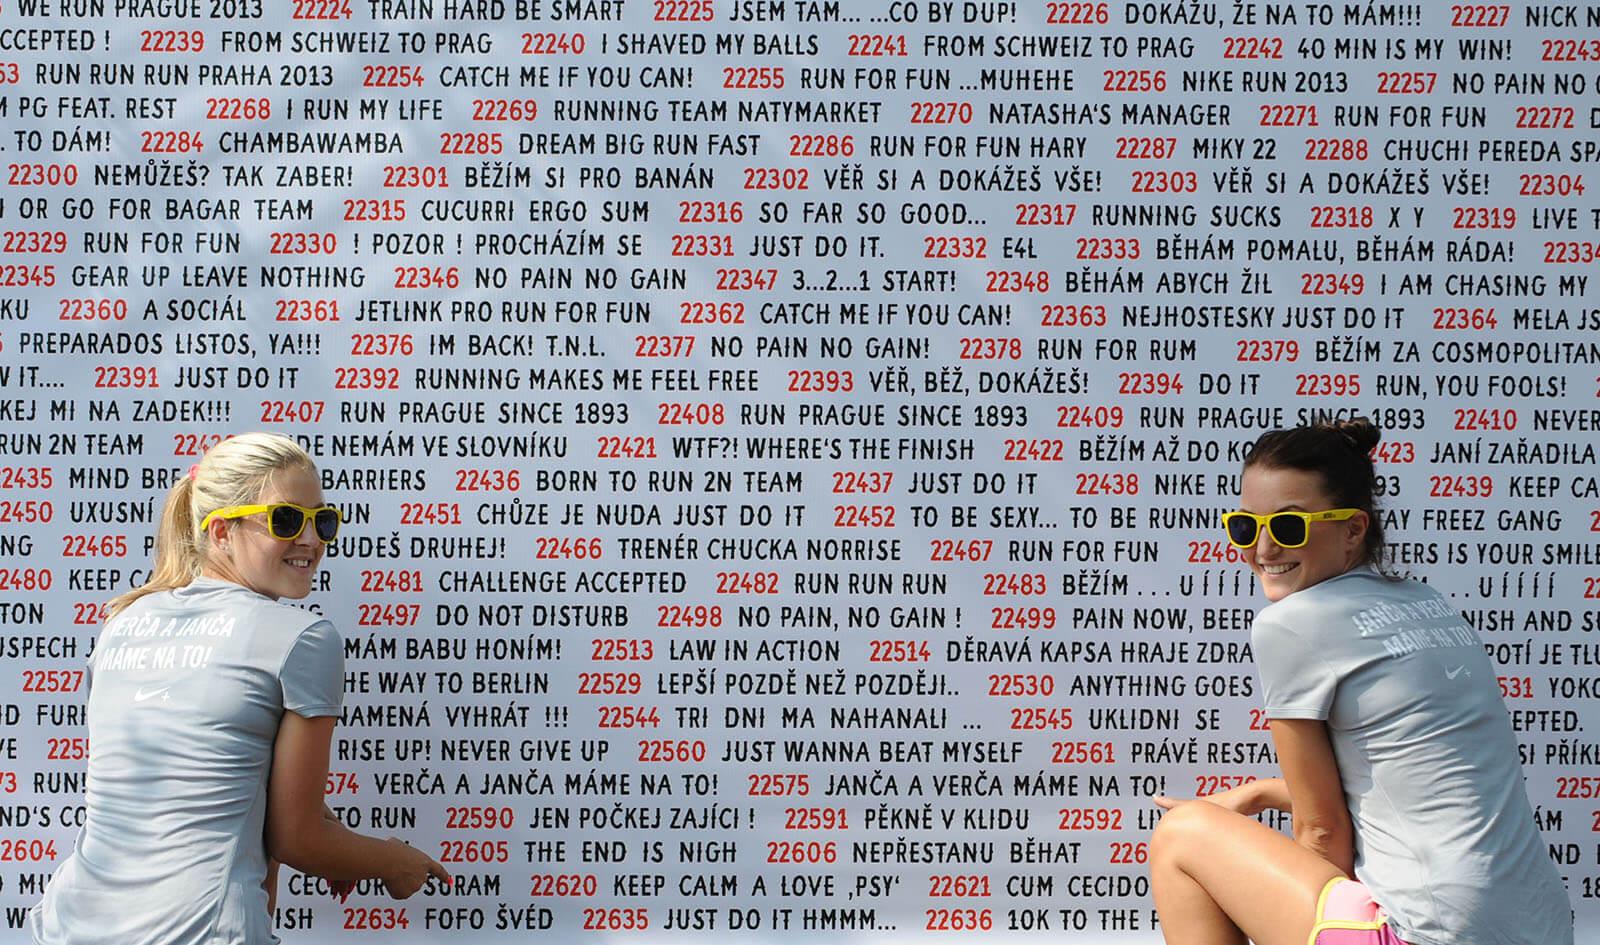 Startovní čísla a slogany běžců